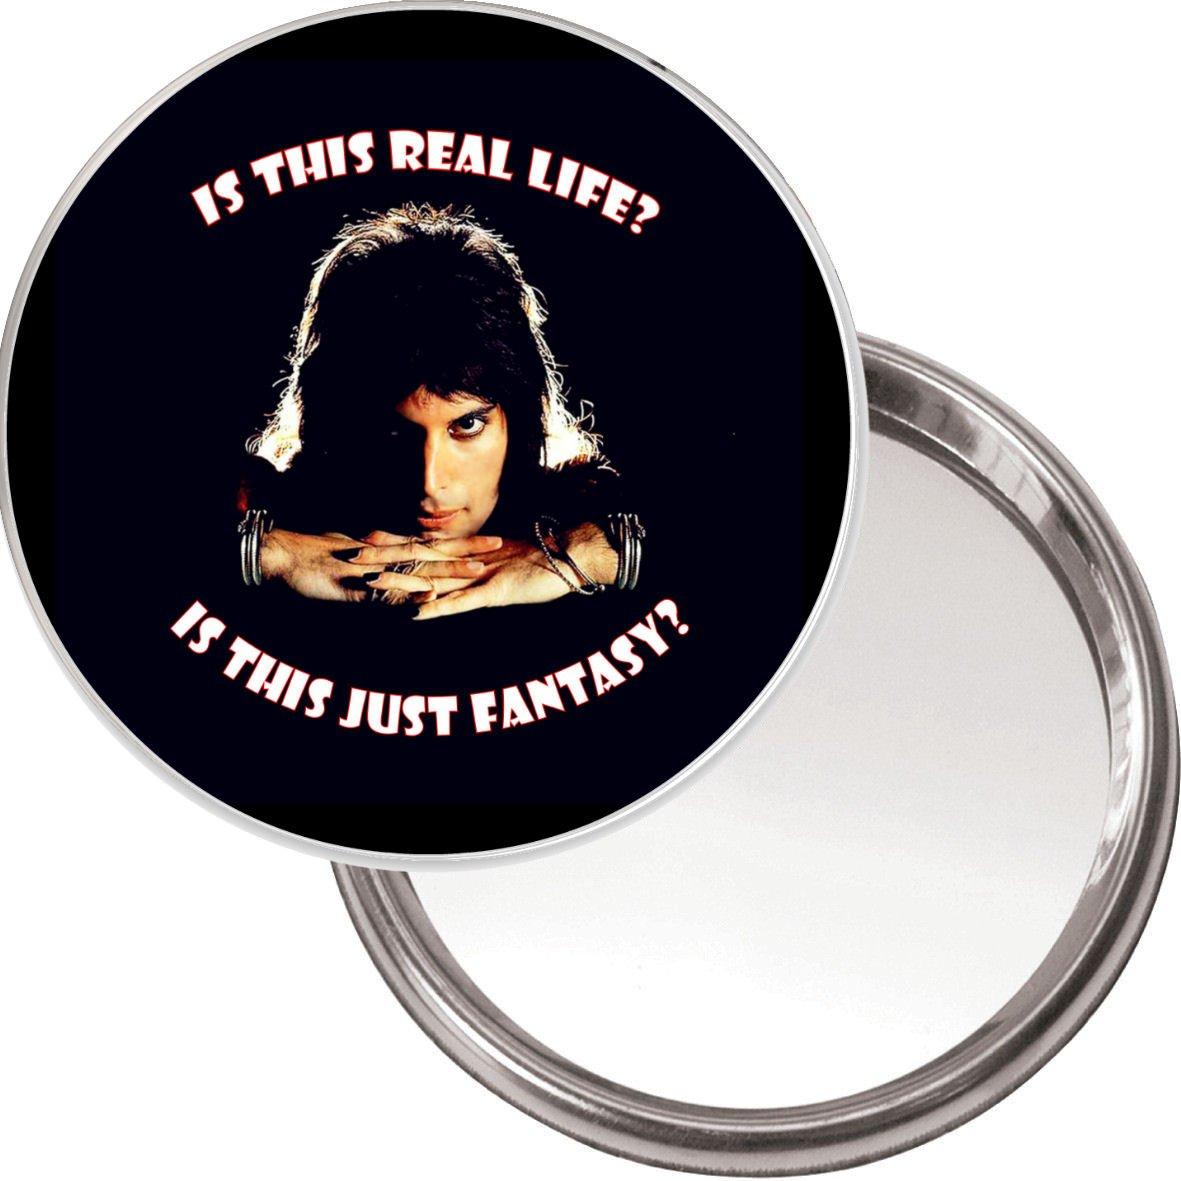 75 mm redondo botó n de maquillaje espejo con Freddy Mercury imagen'es esta la vida real? es este solo Fantasí a? De Bohemian Rhapsody. Se entrega en un color negro bolsa de organza. Yummy Grandmummy